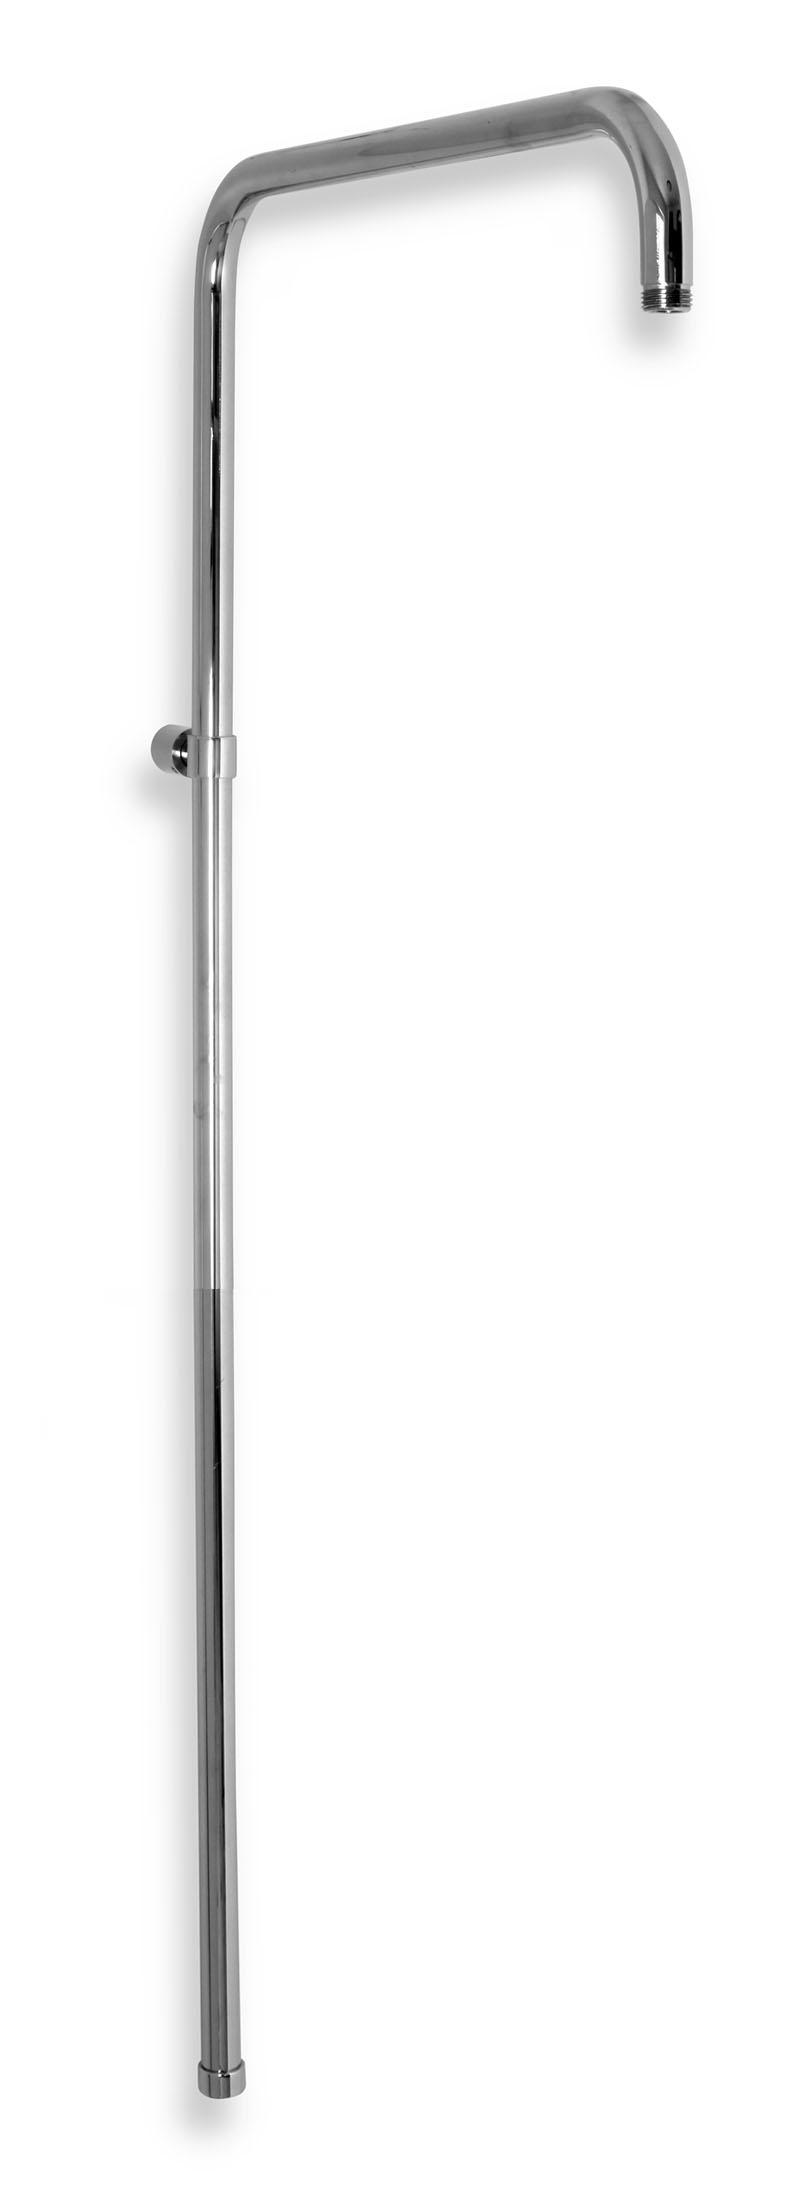 Sprchová tyč k baterii s horním vývodem chrom